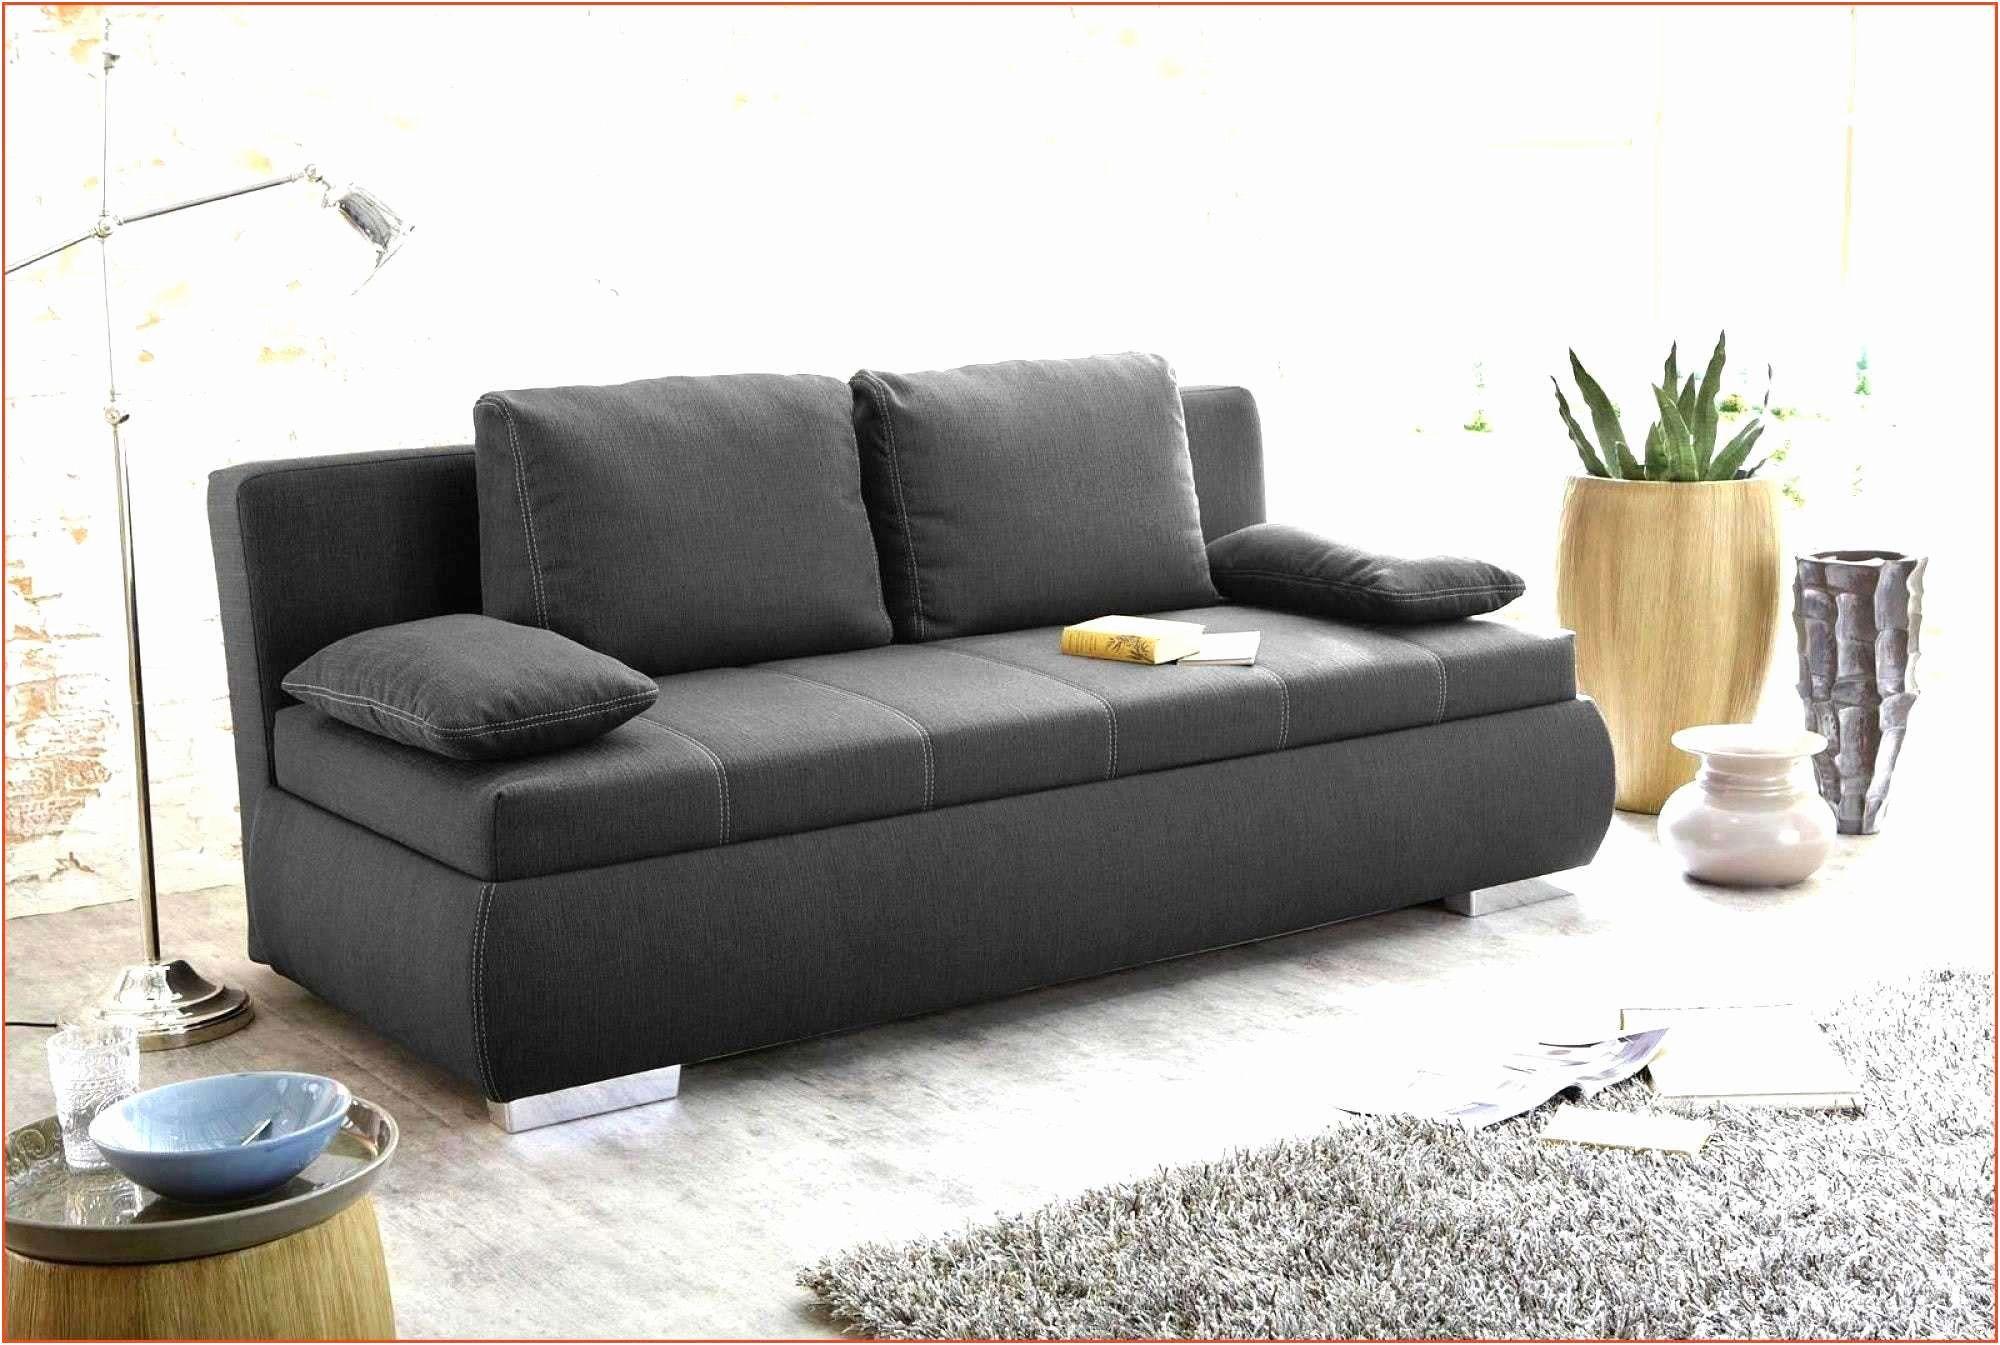 Der Besten Mobel Roller Schlafsofa Buy Sofa Sofa Living Room